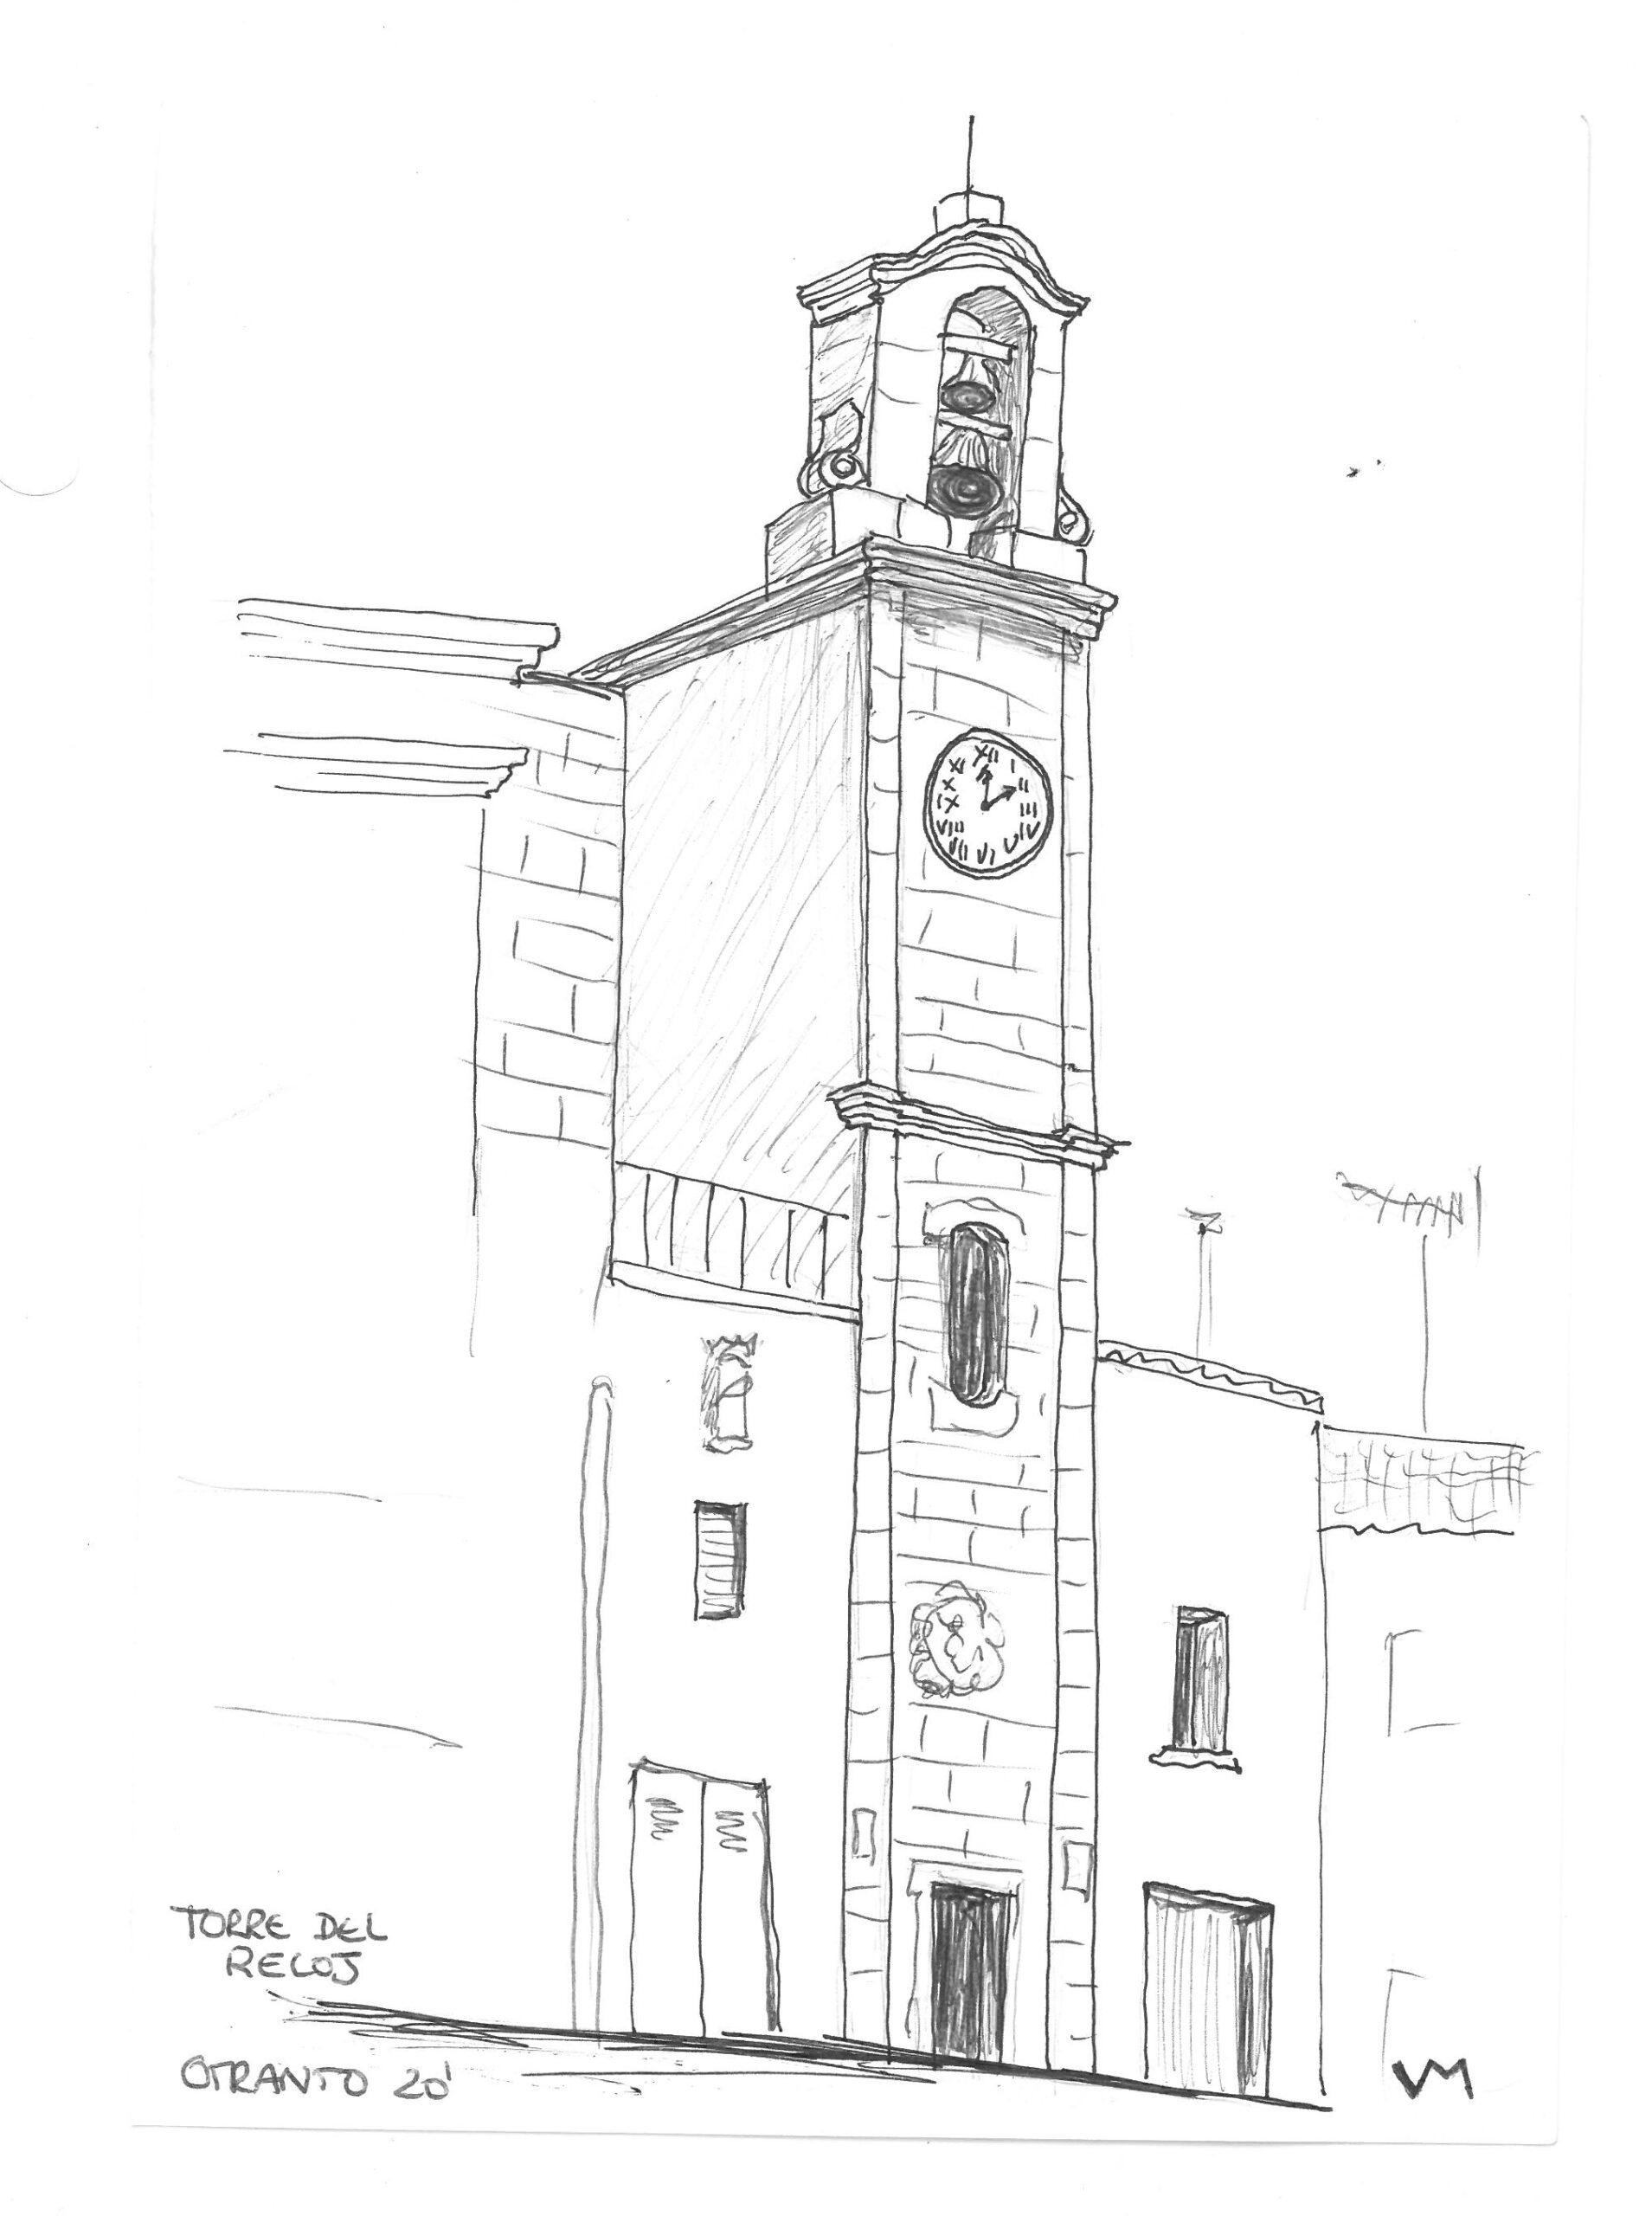 Habitabio - Dibujo - Otranto